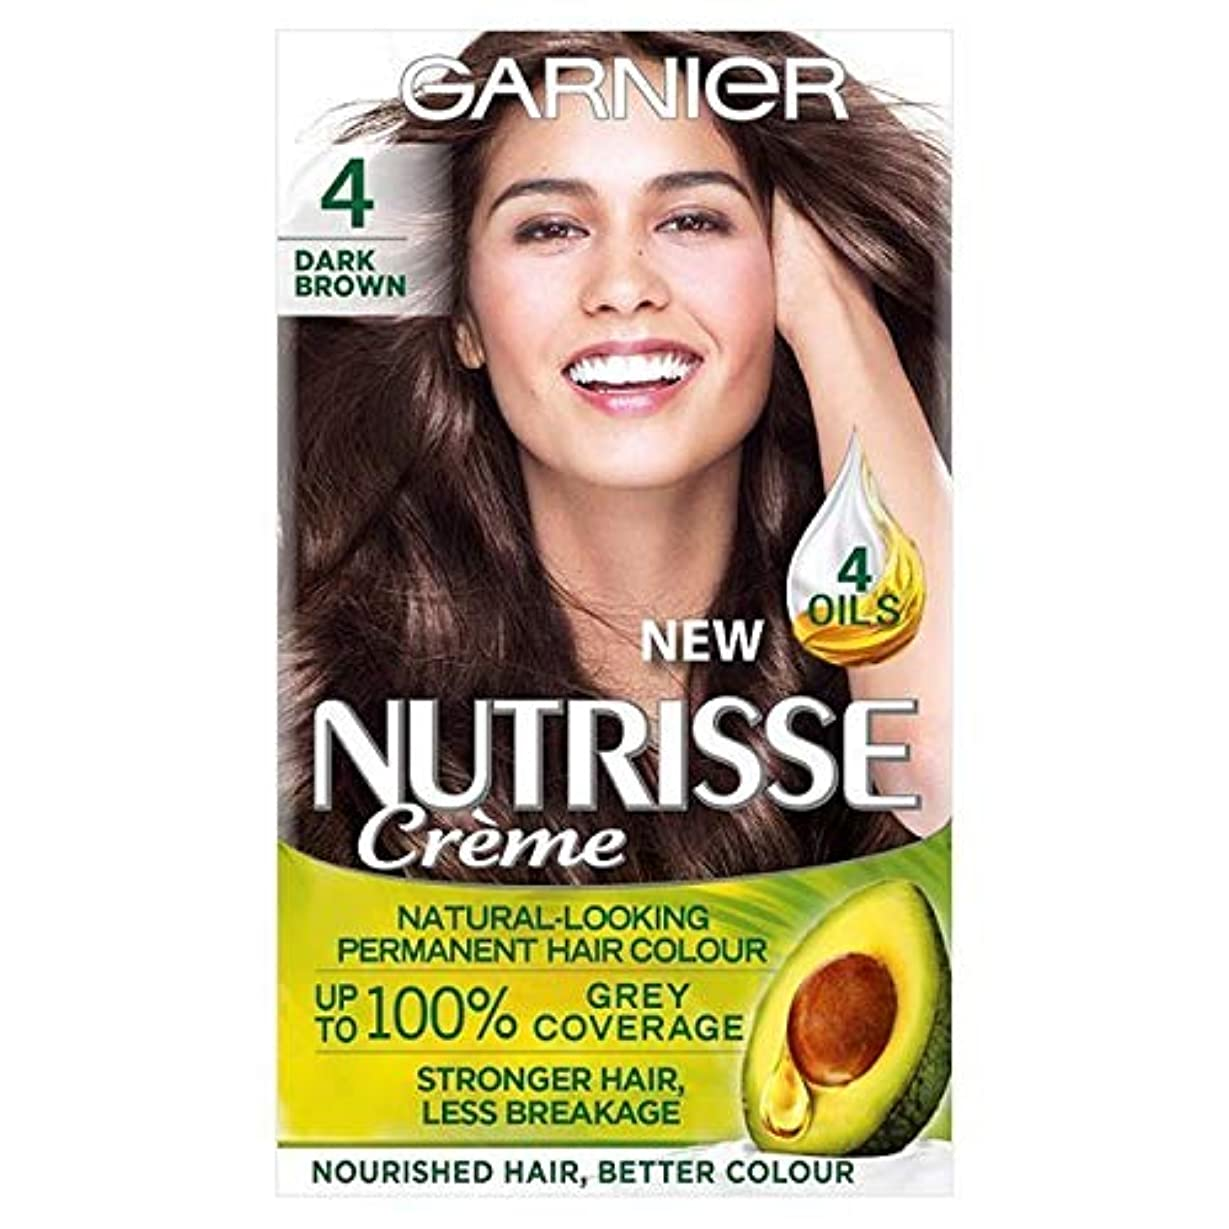 大脳無効自動車[Garnier ] ガルニエNutrisse永久染毛剤ダークブラウン4 - Garnier Nutrisse Permanent Hair Dye Dark Brown 4 [並行輸入品]